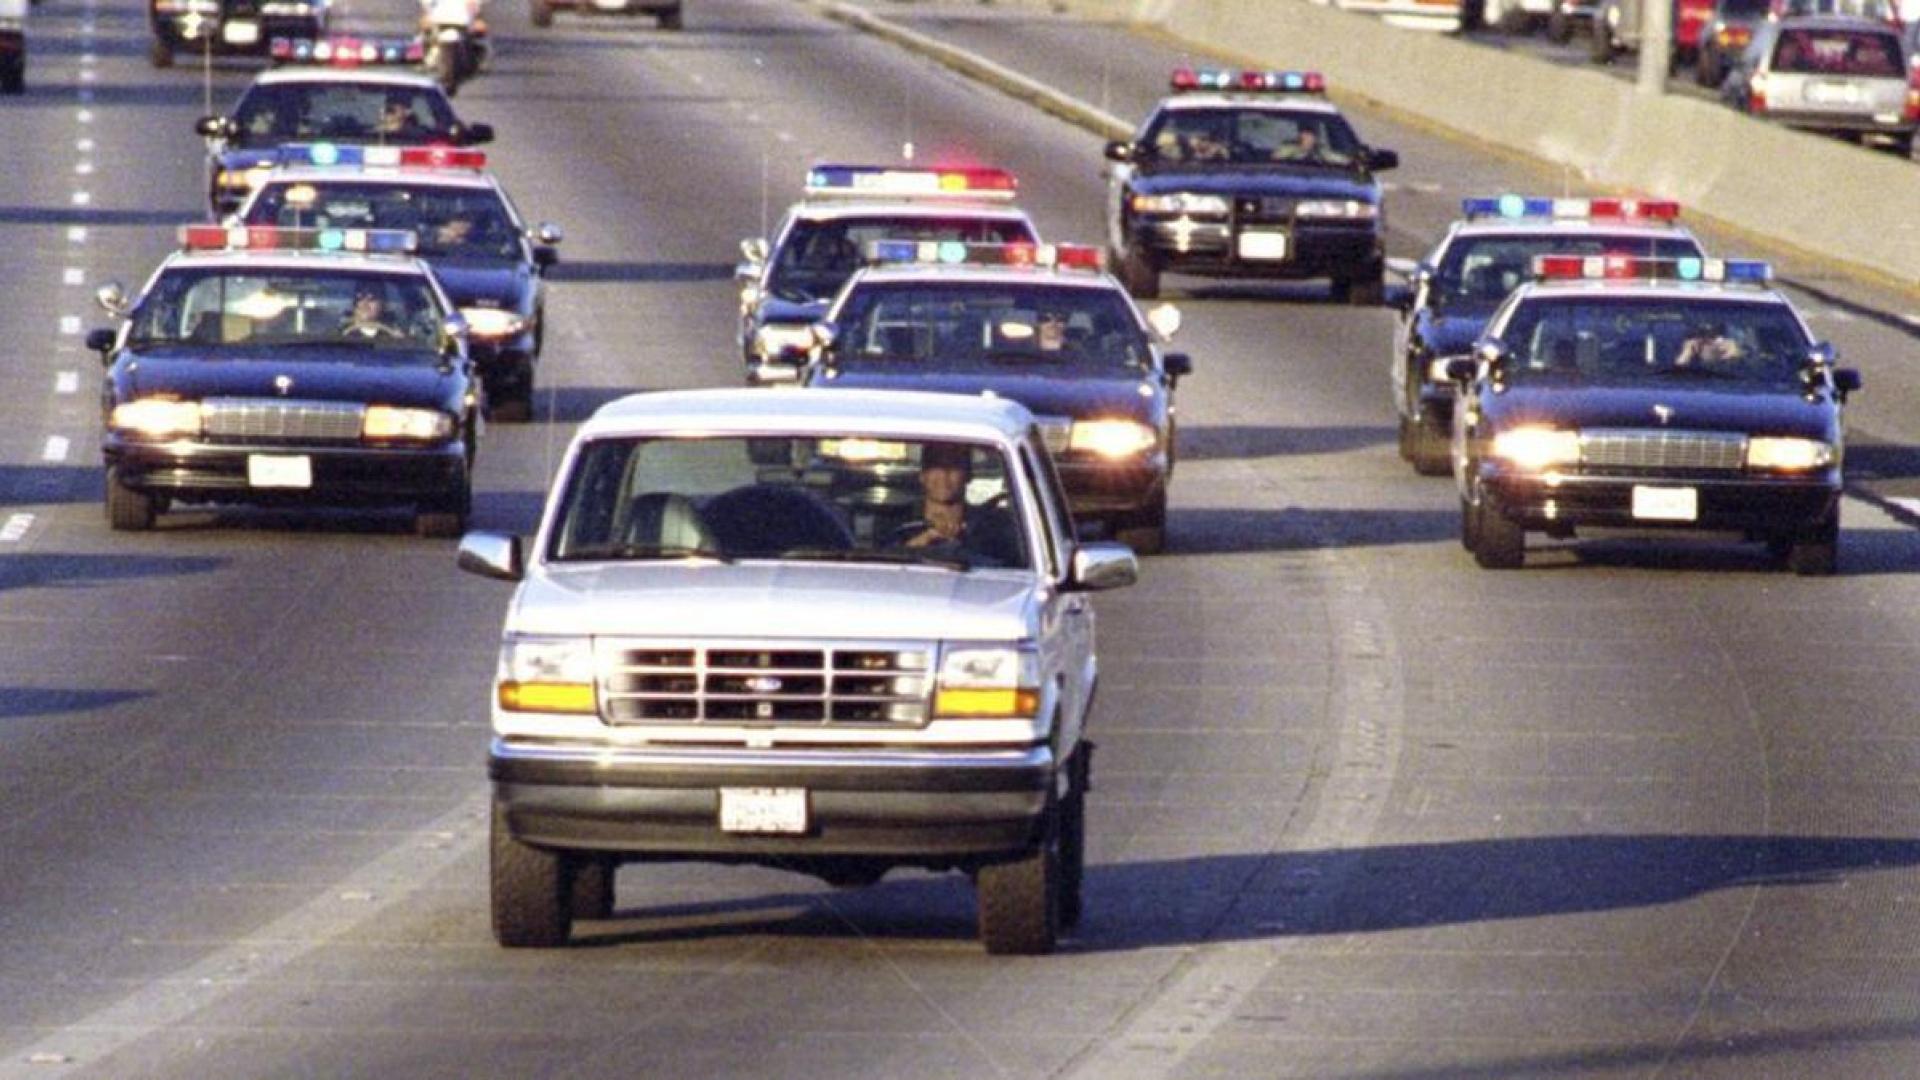 La célèbre poursuite sur l'autoroute 405